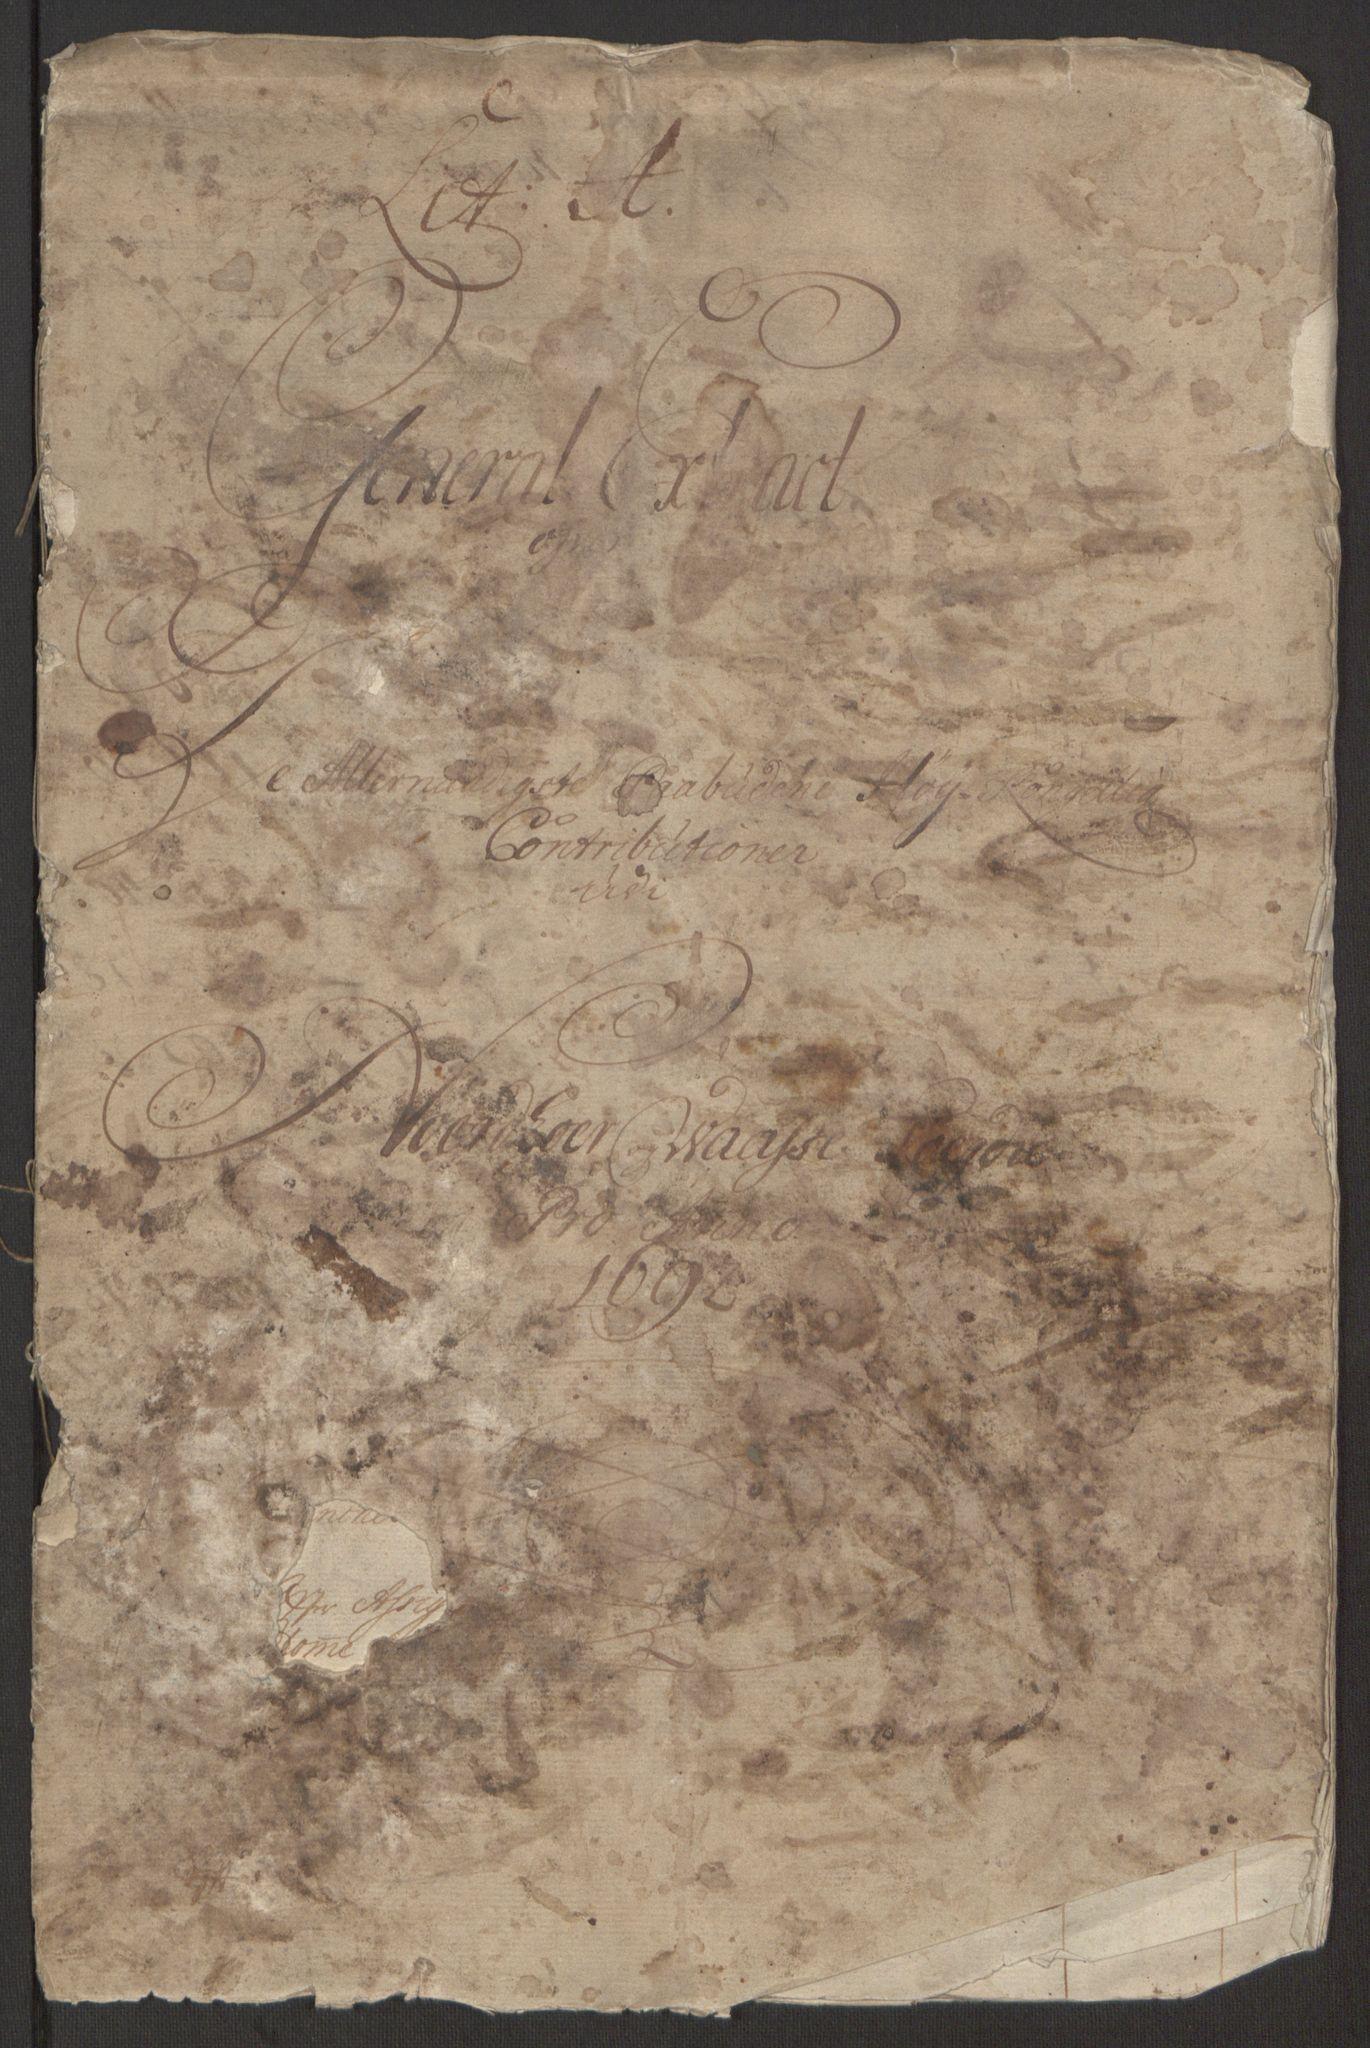 RA, Rentekammeret inntil 1814, Reviderte regnskaper, Fogderegnskap, R51/L3181: Fogderegnskap Nordhordland og Voss, 1691-1692, s. 196